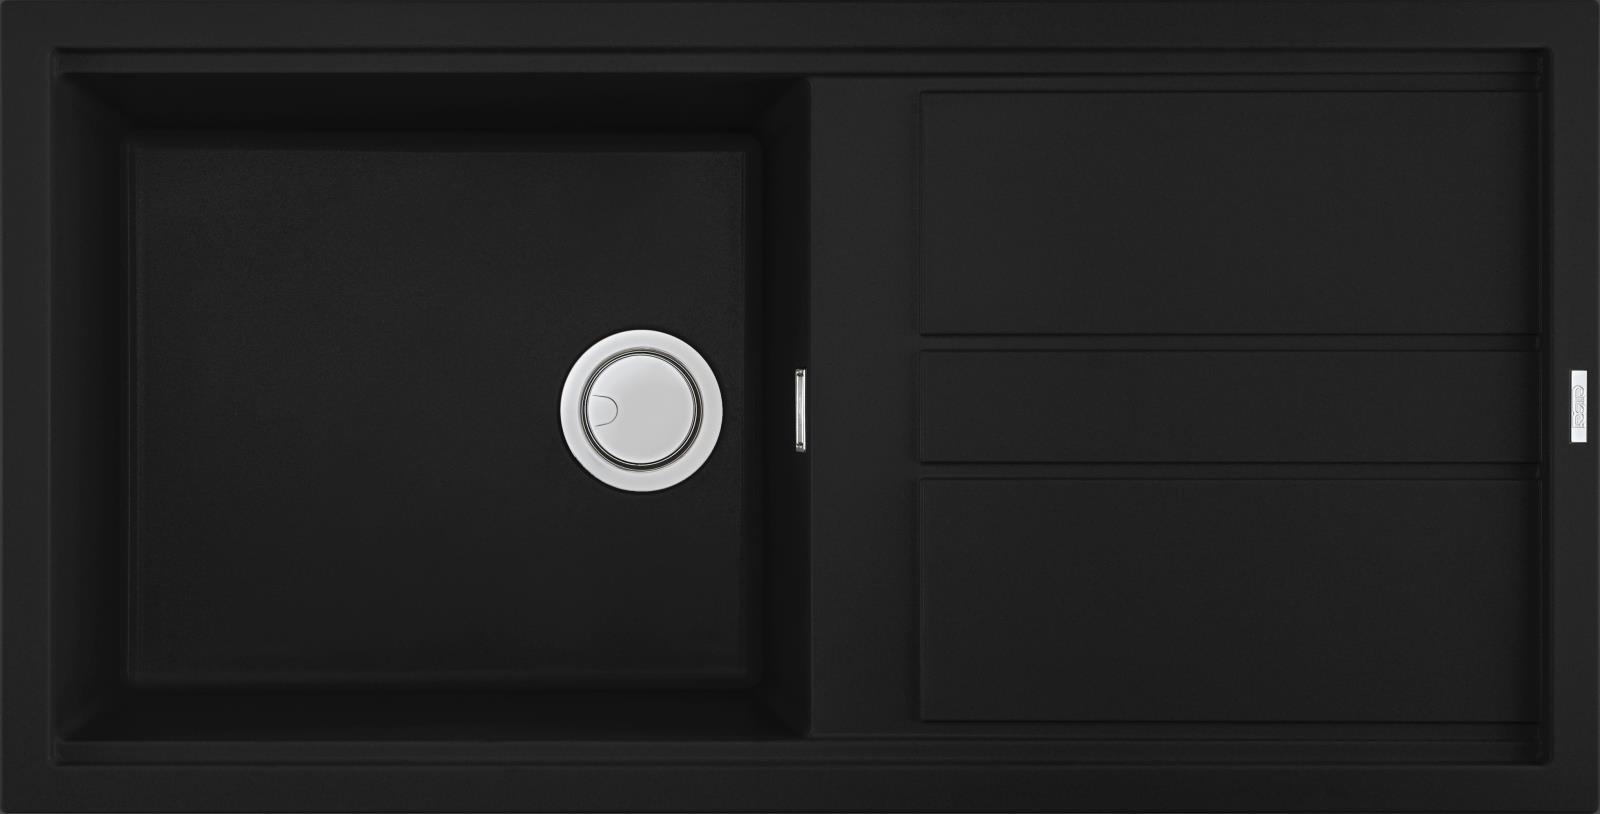 Elleci Best 480 Kompozit Full Black egymedencés mosogató csepptálcával